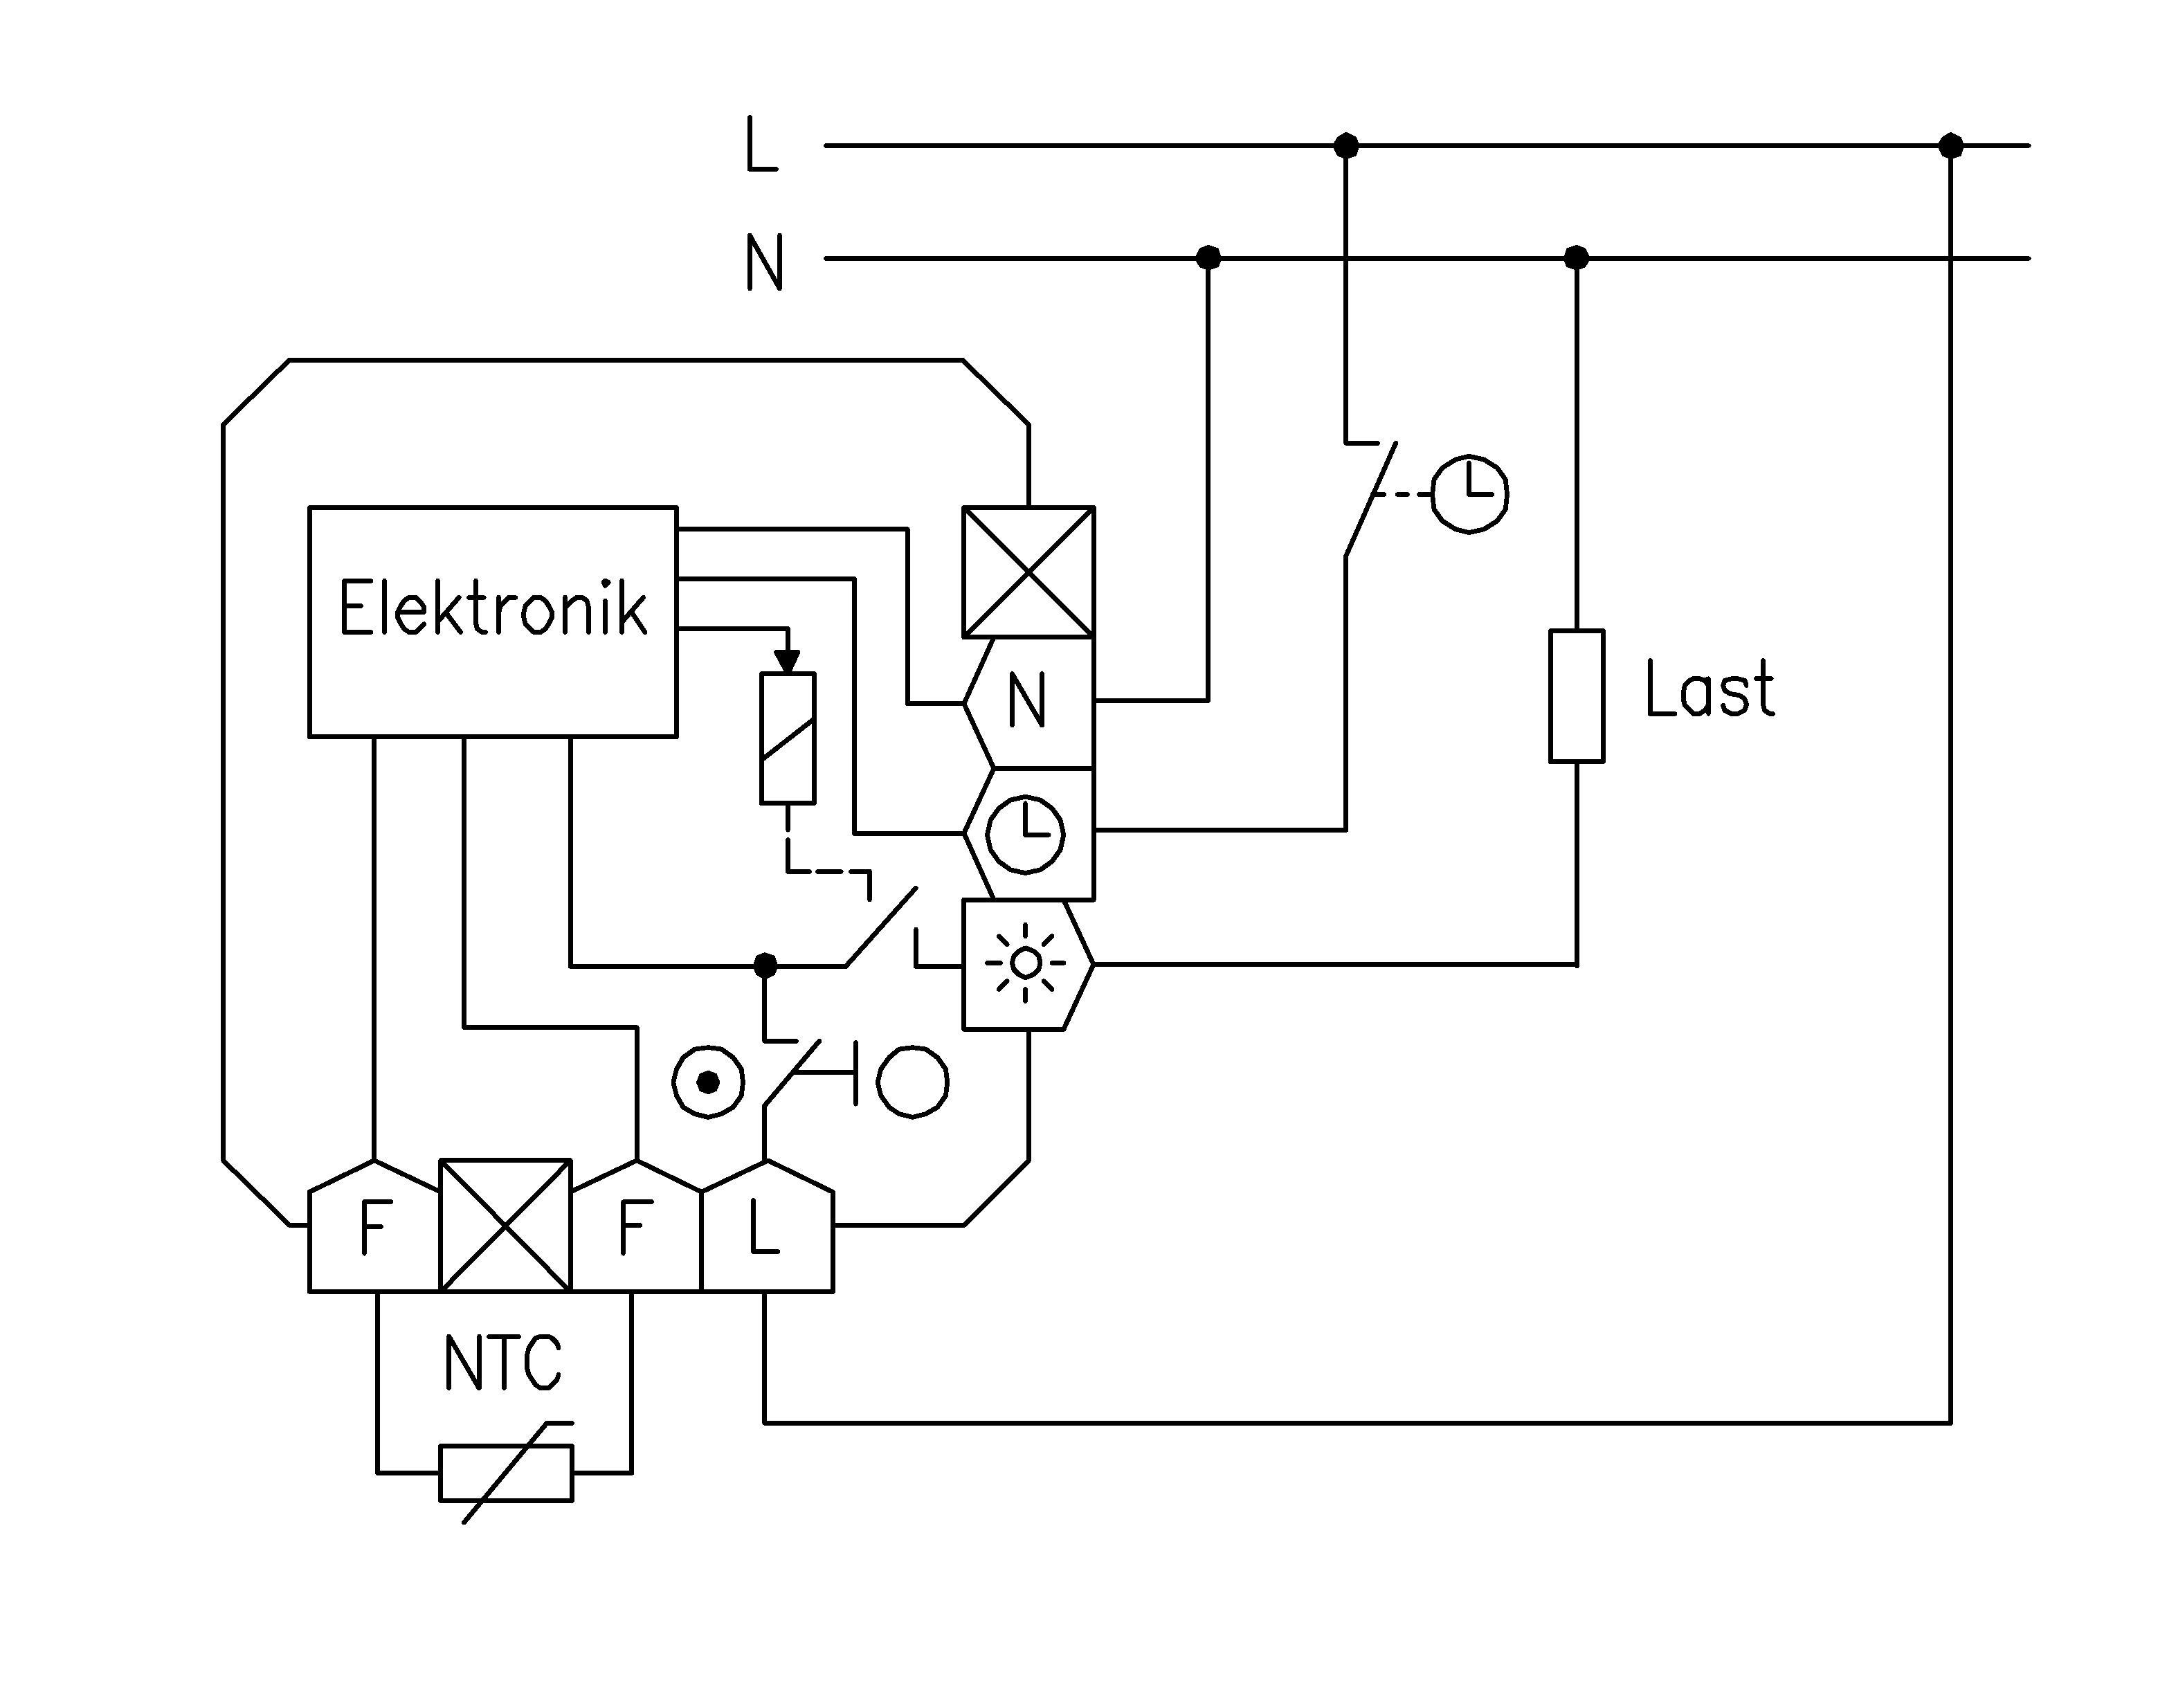 UA030119 Circuit diagram